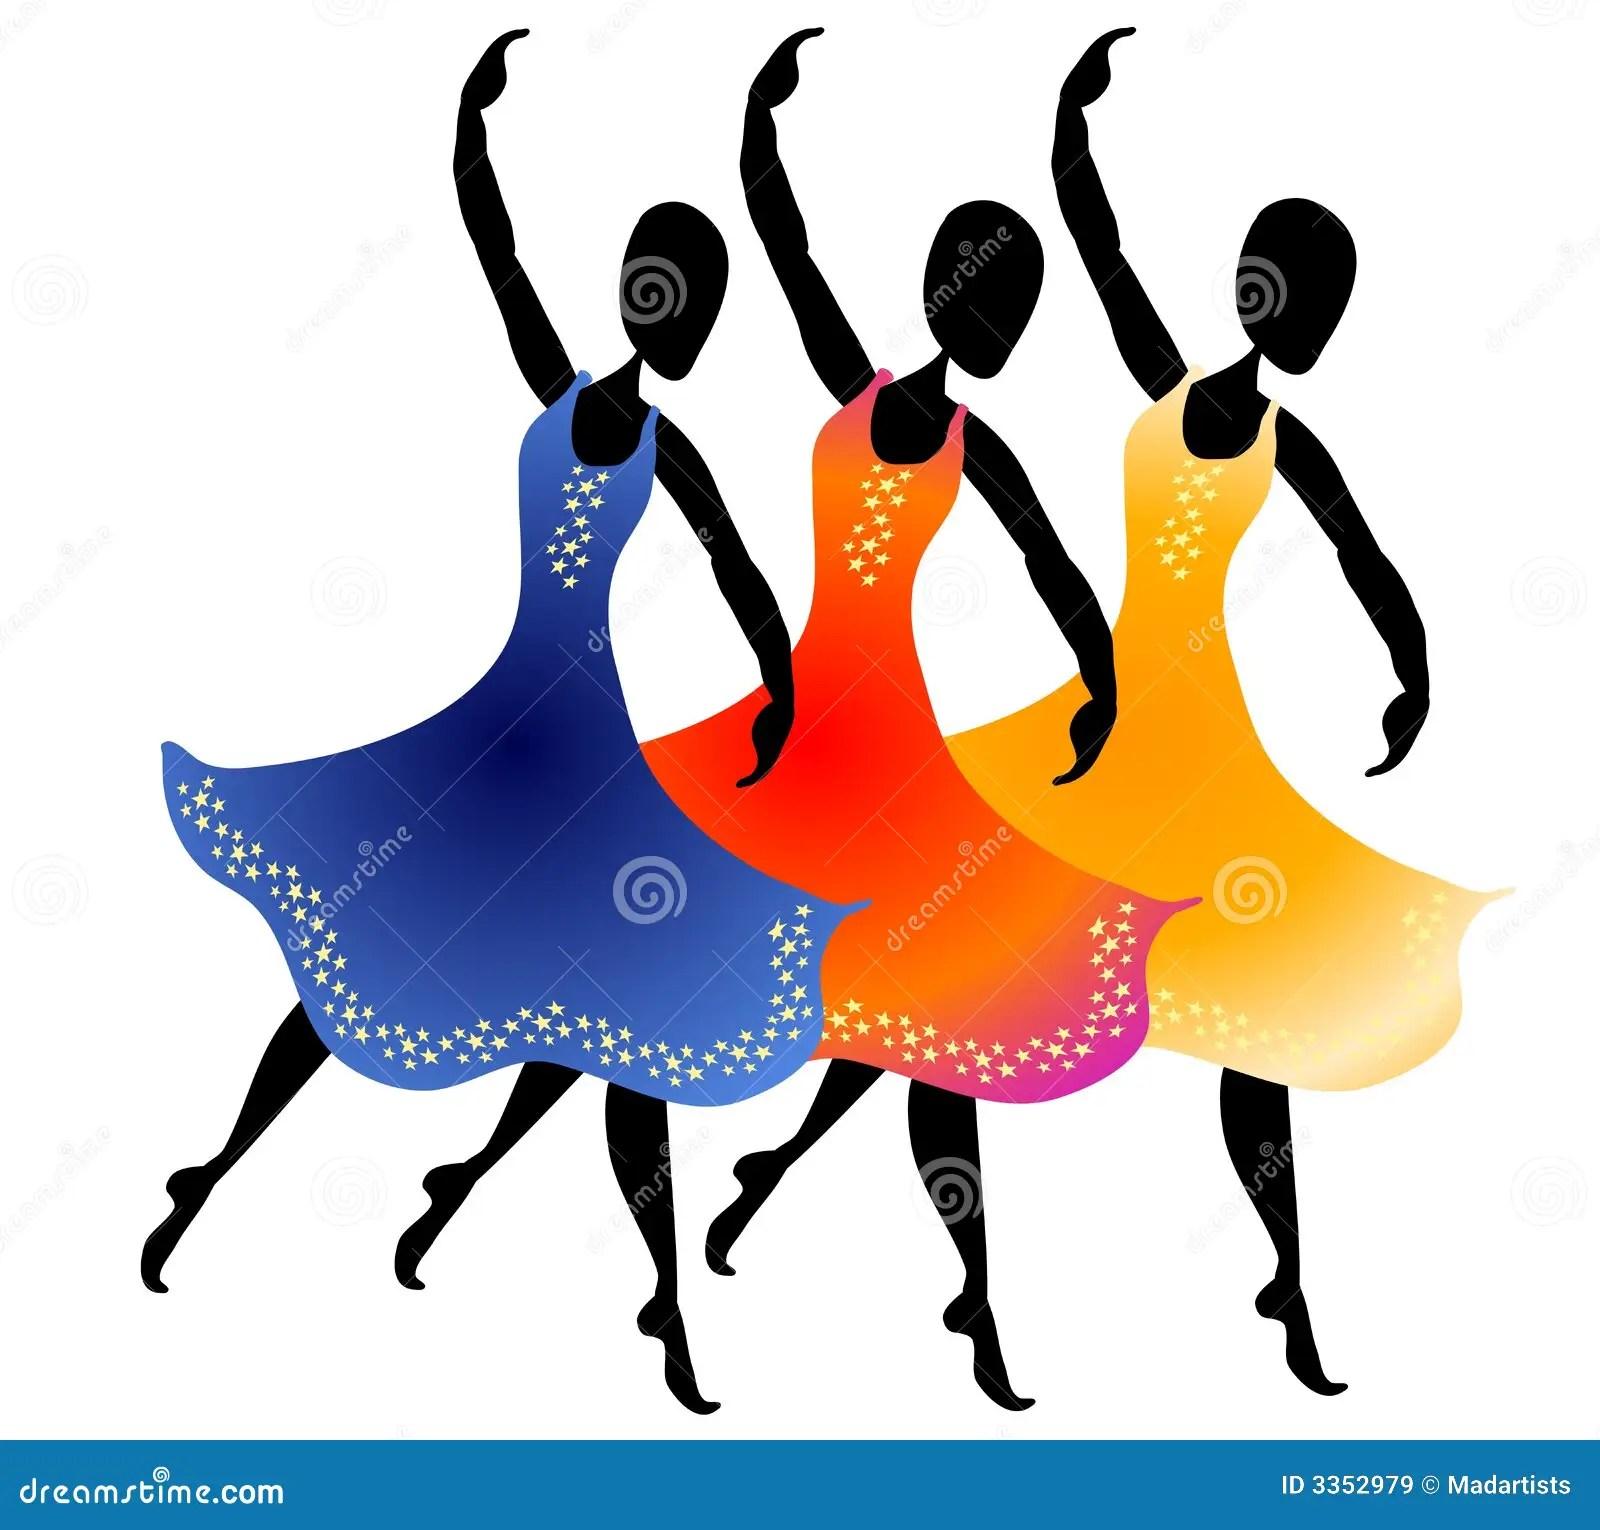 hight resolution of 3 women dancing clip art